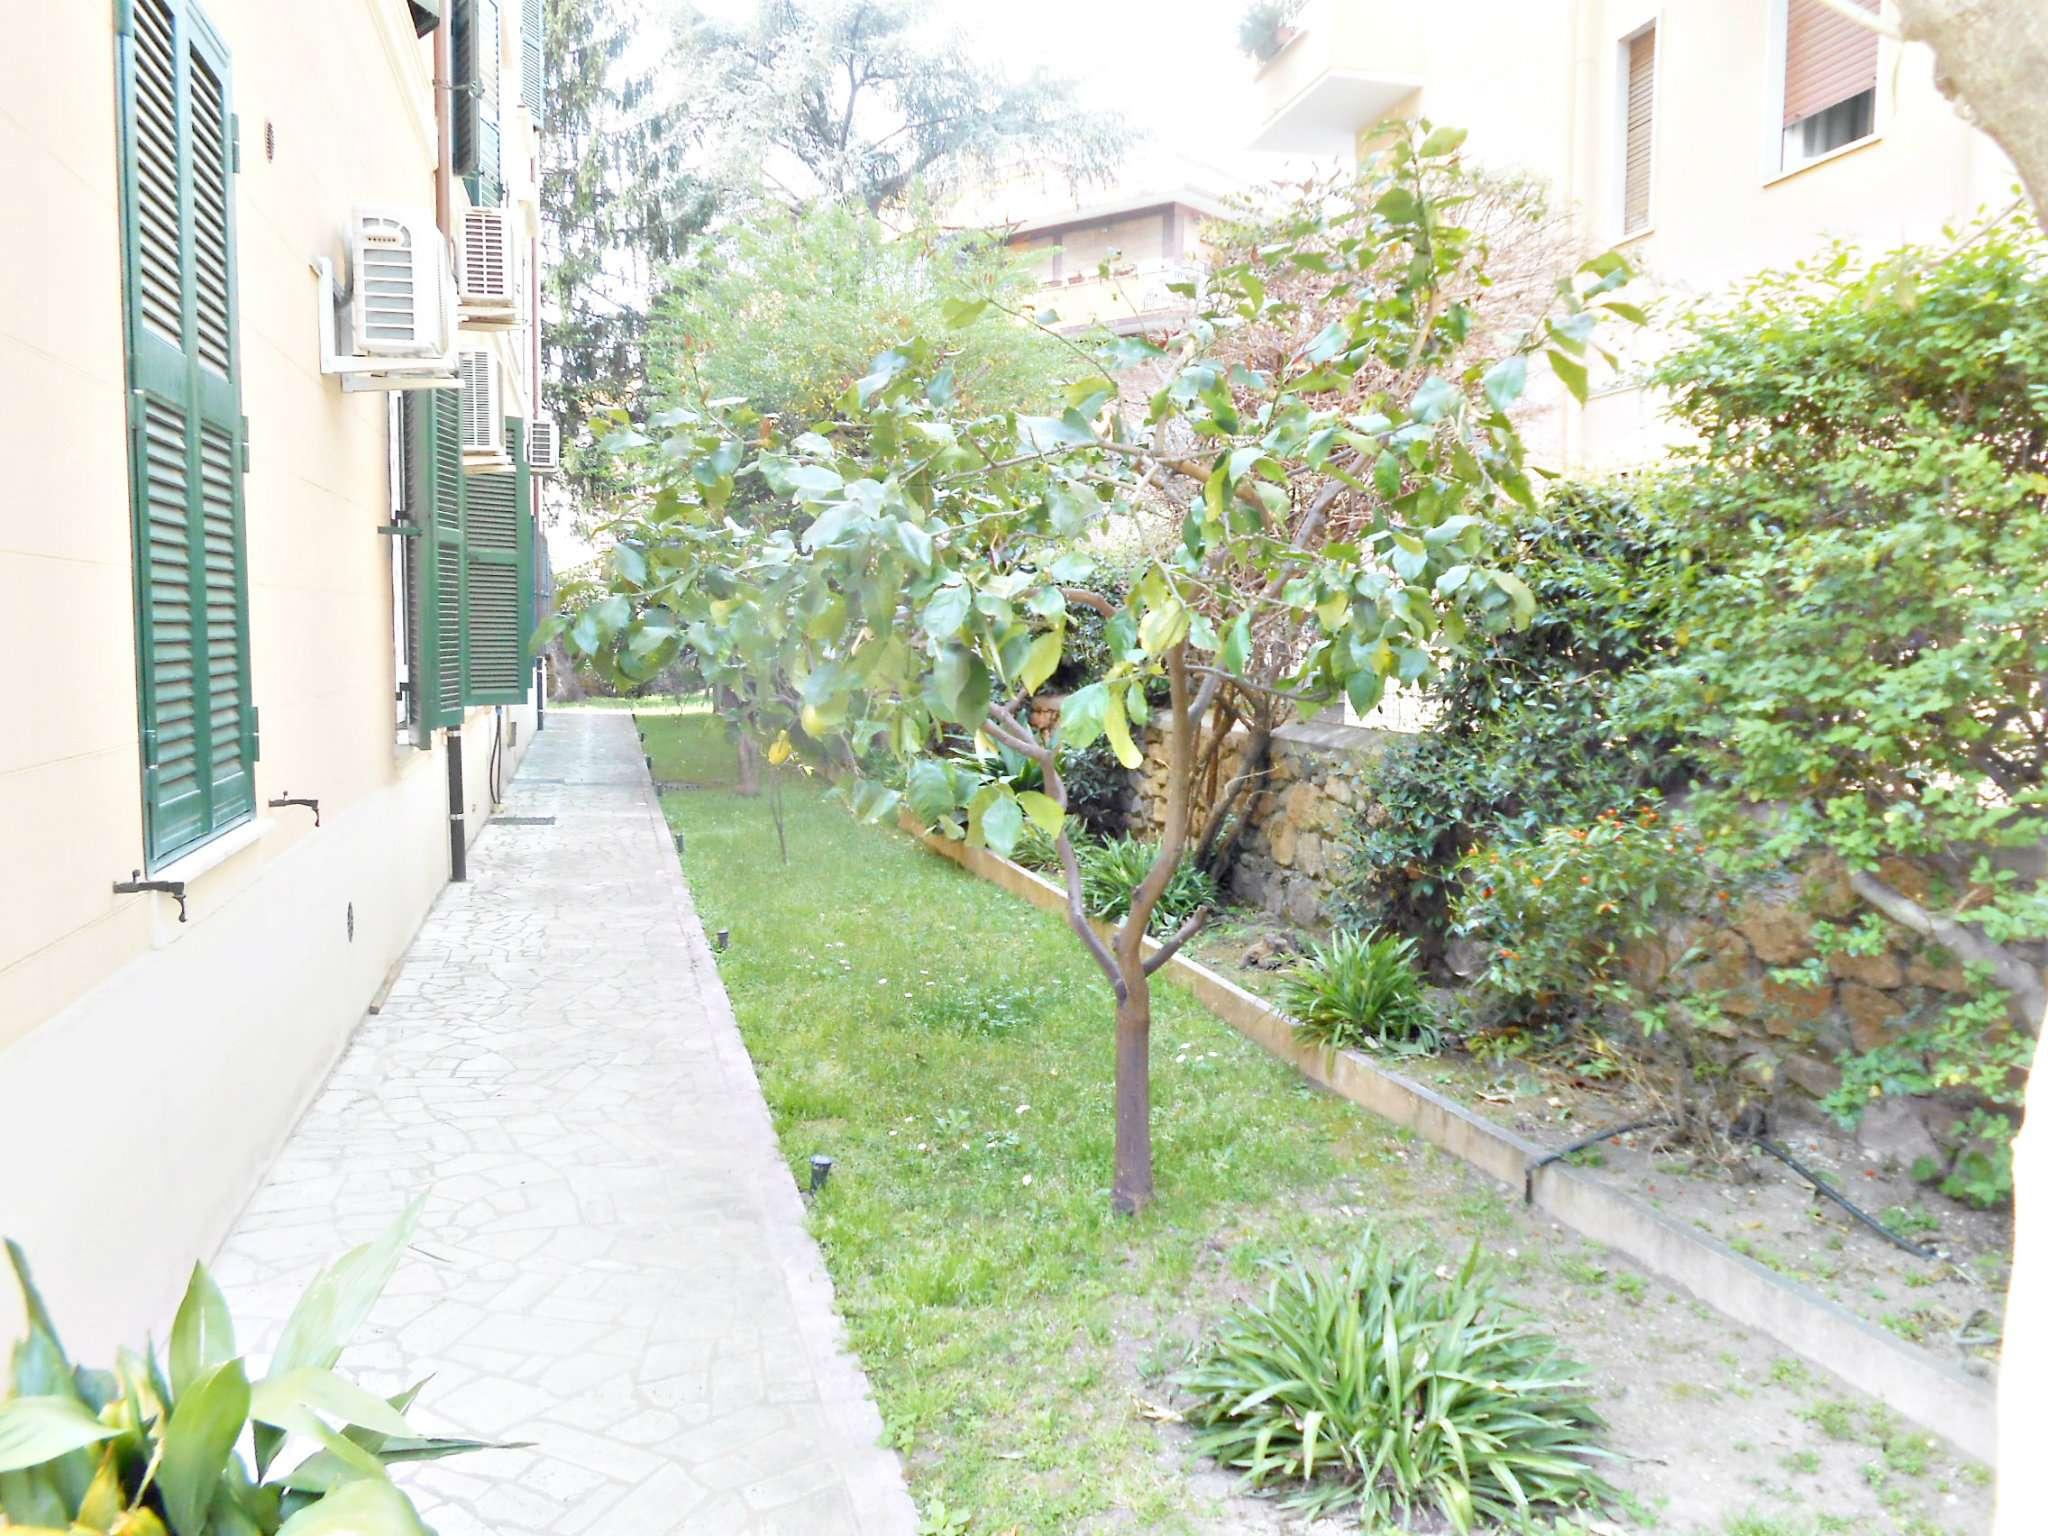 A Roma Trilocale  in Affitto - Transitorio